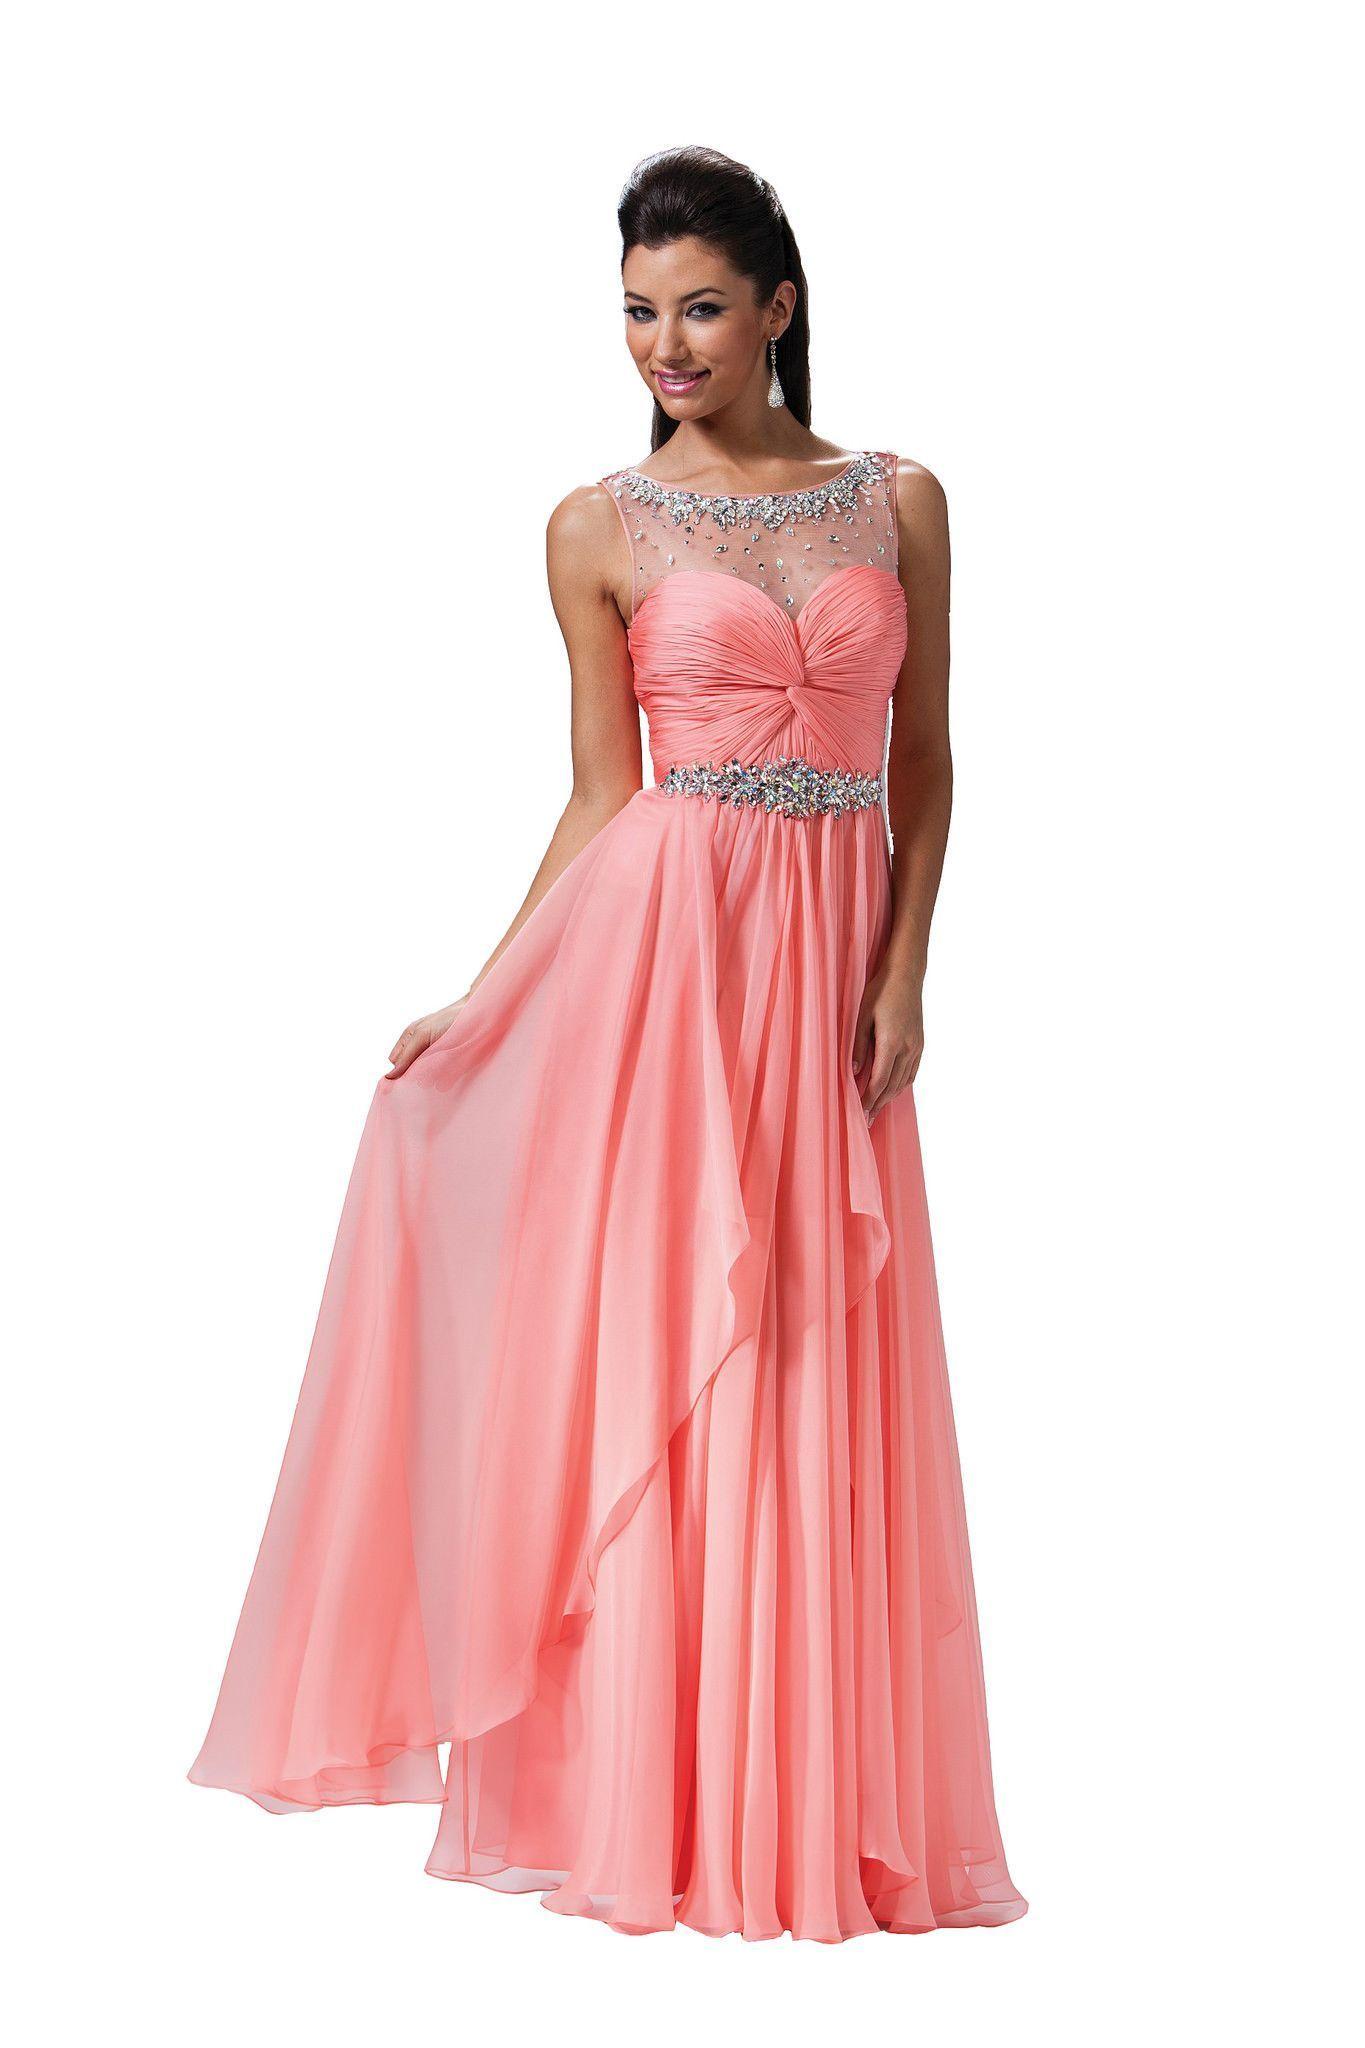 Hermosa Prom Vestidos Exceso Imágenes - Colección del Vestido de la ...